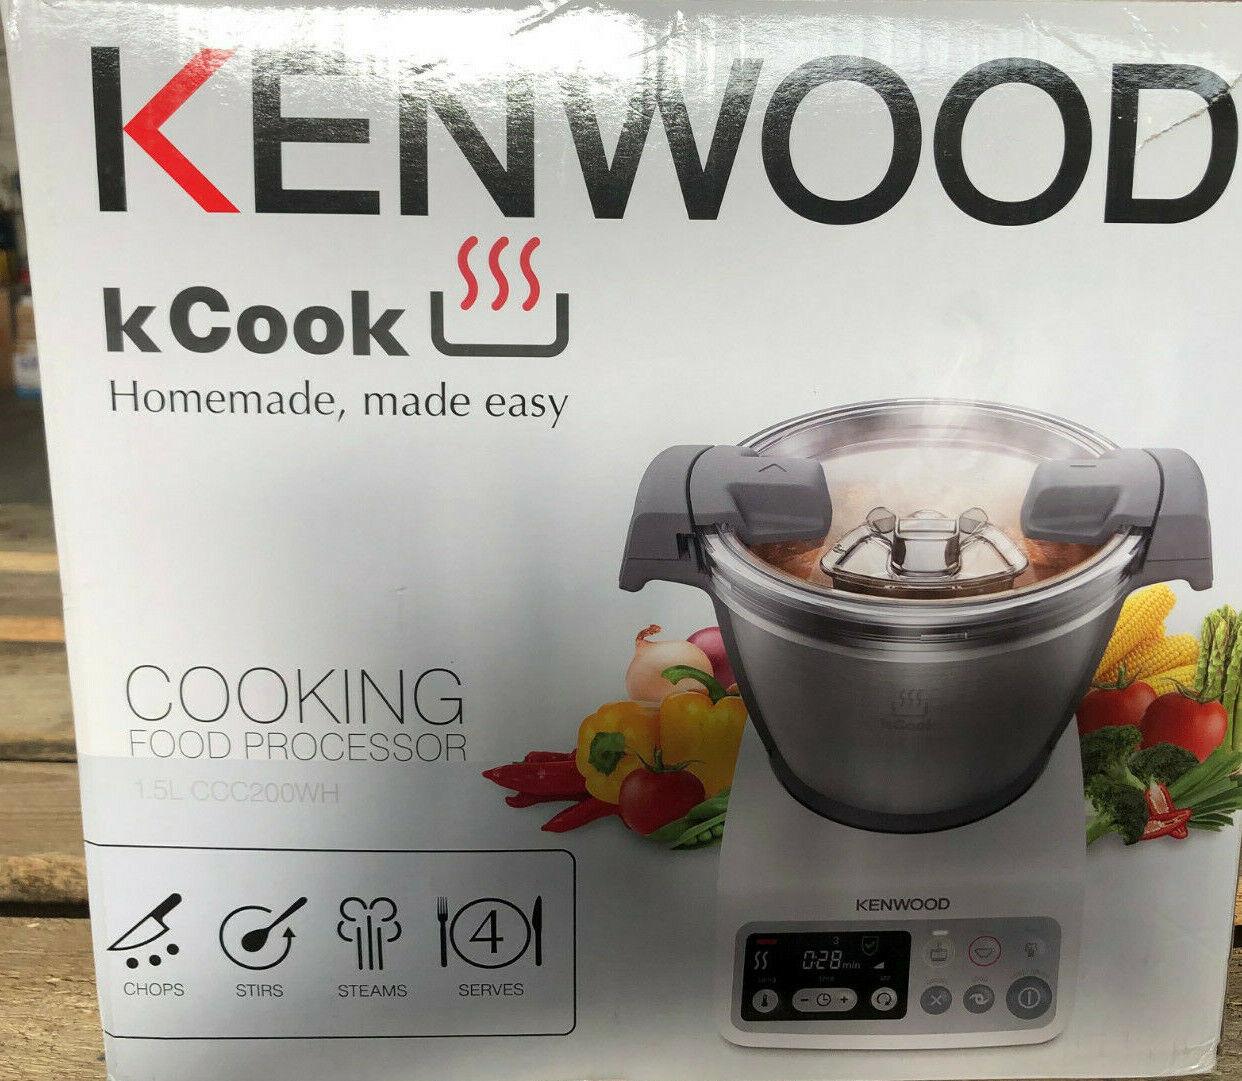 Kennwood kCook Küchenmaschine - gehäuse gebrochen